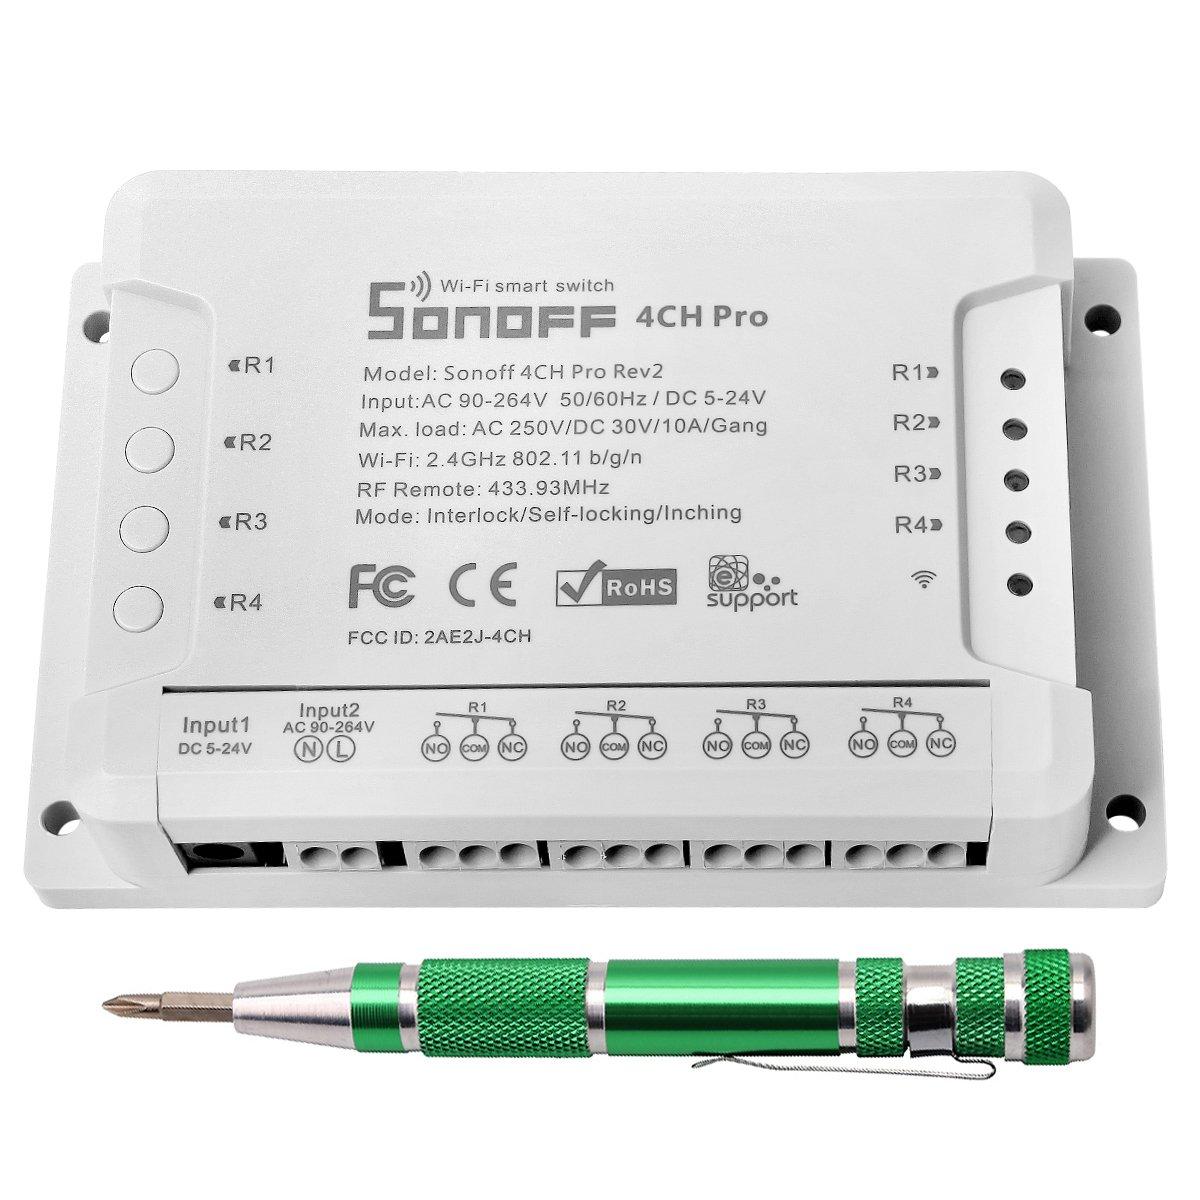 4CH Pro R2 Interruptor inalámbrico inteligente WiFi Conmutador de Control Remoto del Temporizador con Inching /Autobloqueo /Enclavamiento para Amazon Alexa+ 9-en-1 Destornilladores